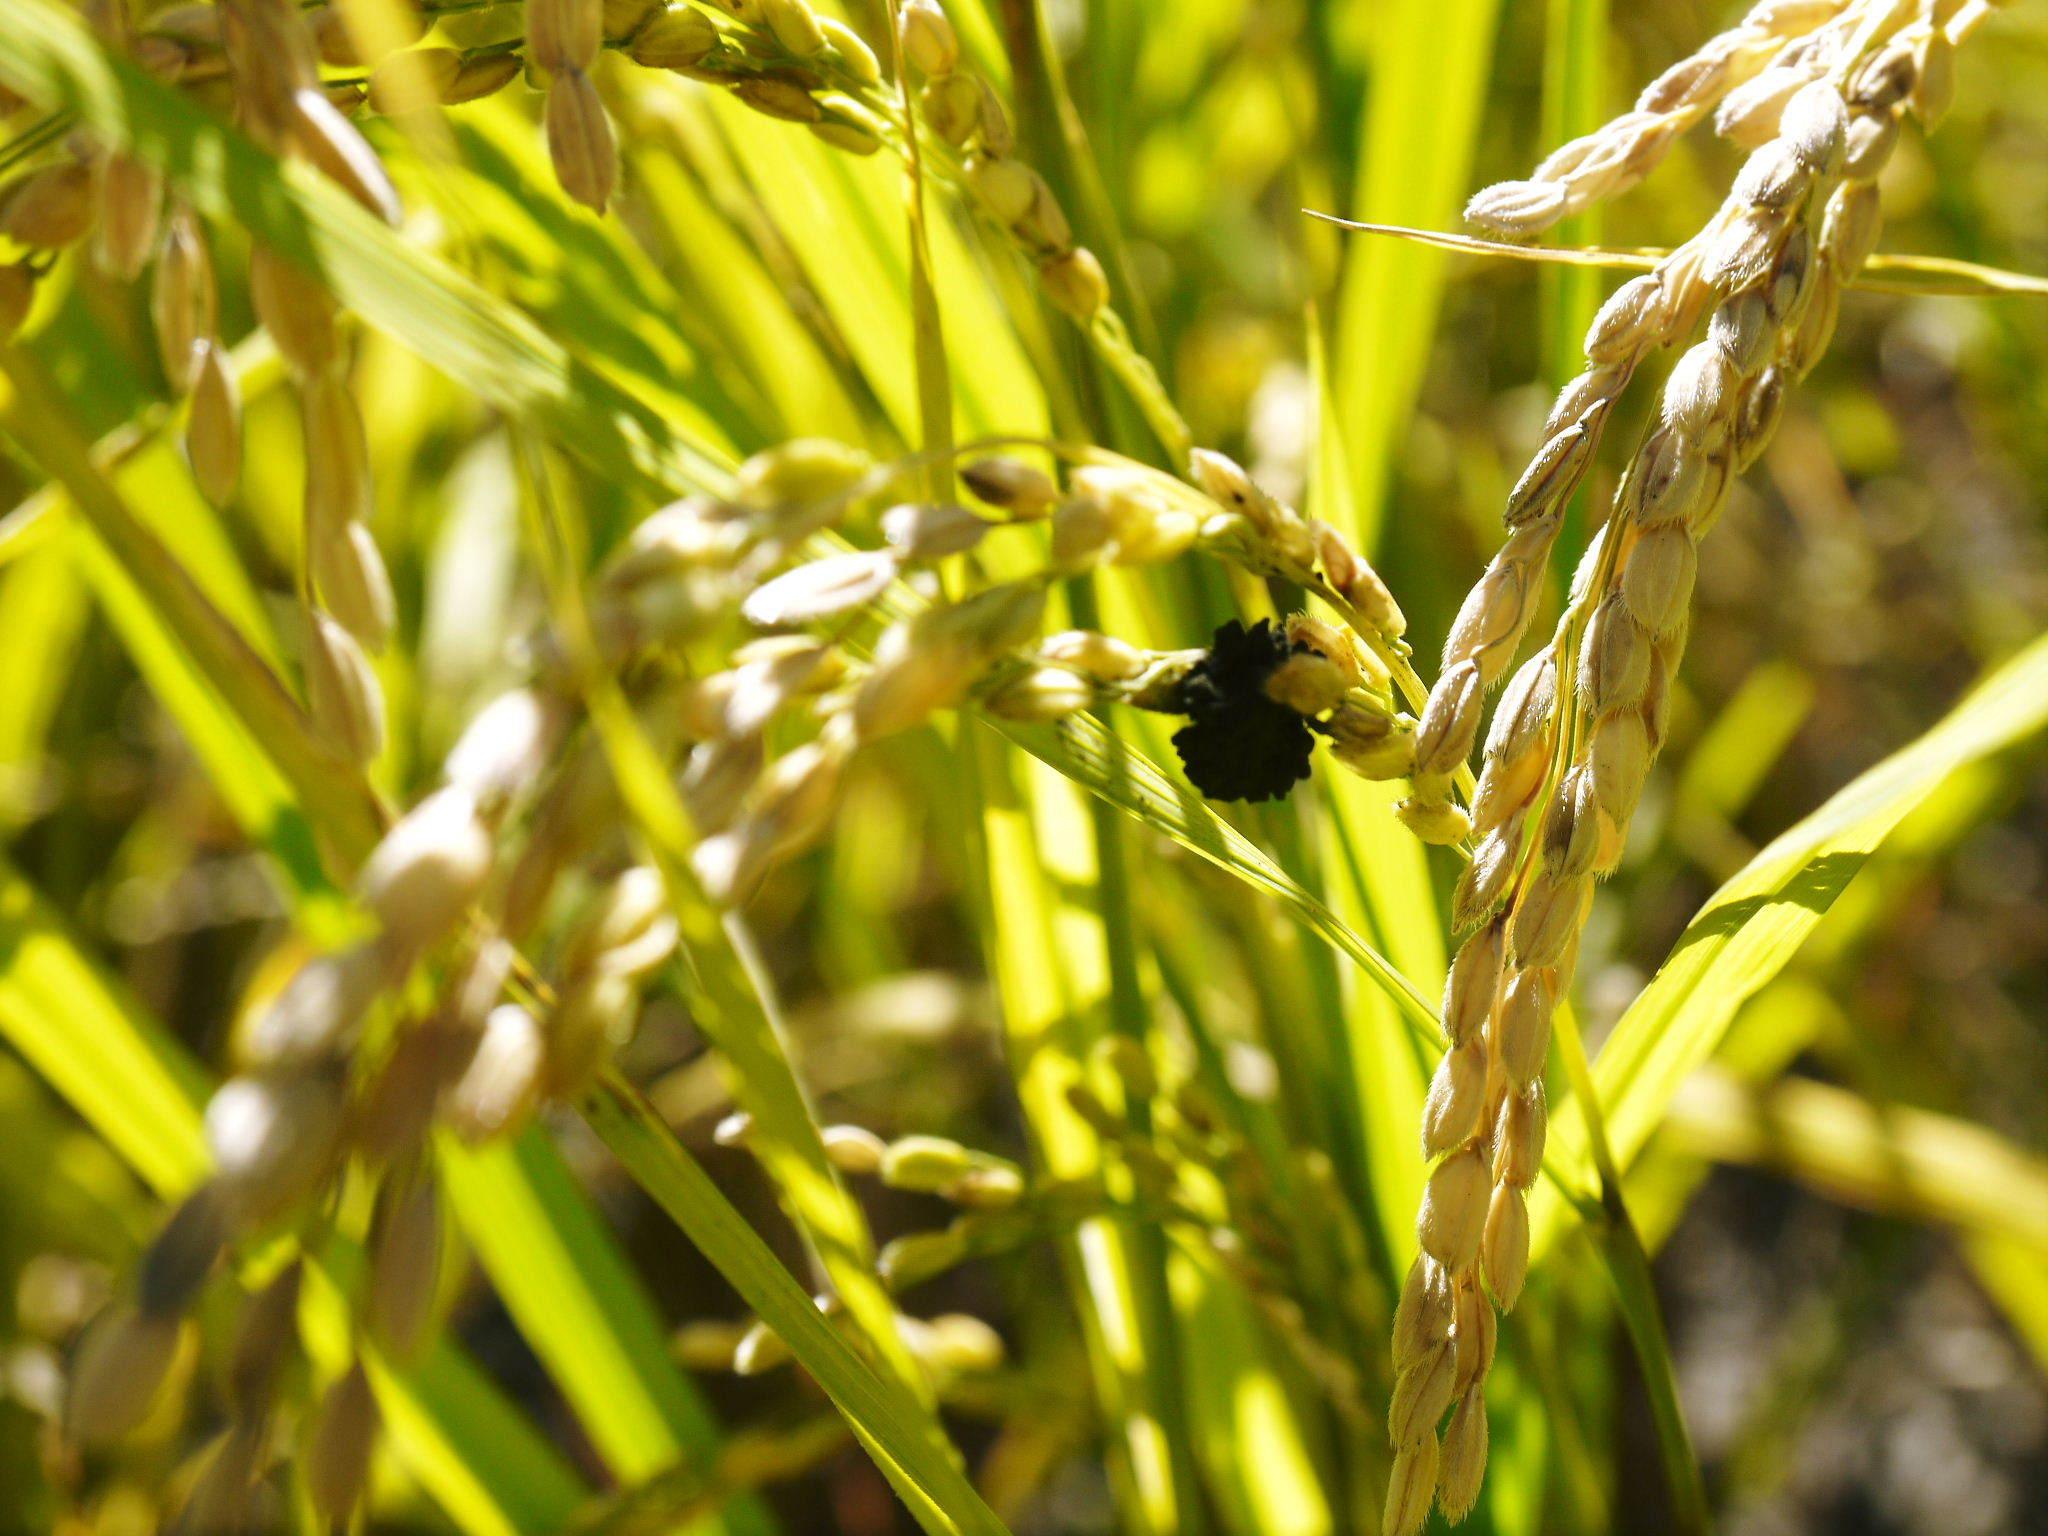 米作りの挑戦(2020) まもなく収穫!3年目の米作りは波乱もありながらなんとか順調?です!(後編)_a0254656_17474121.jpg